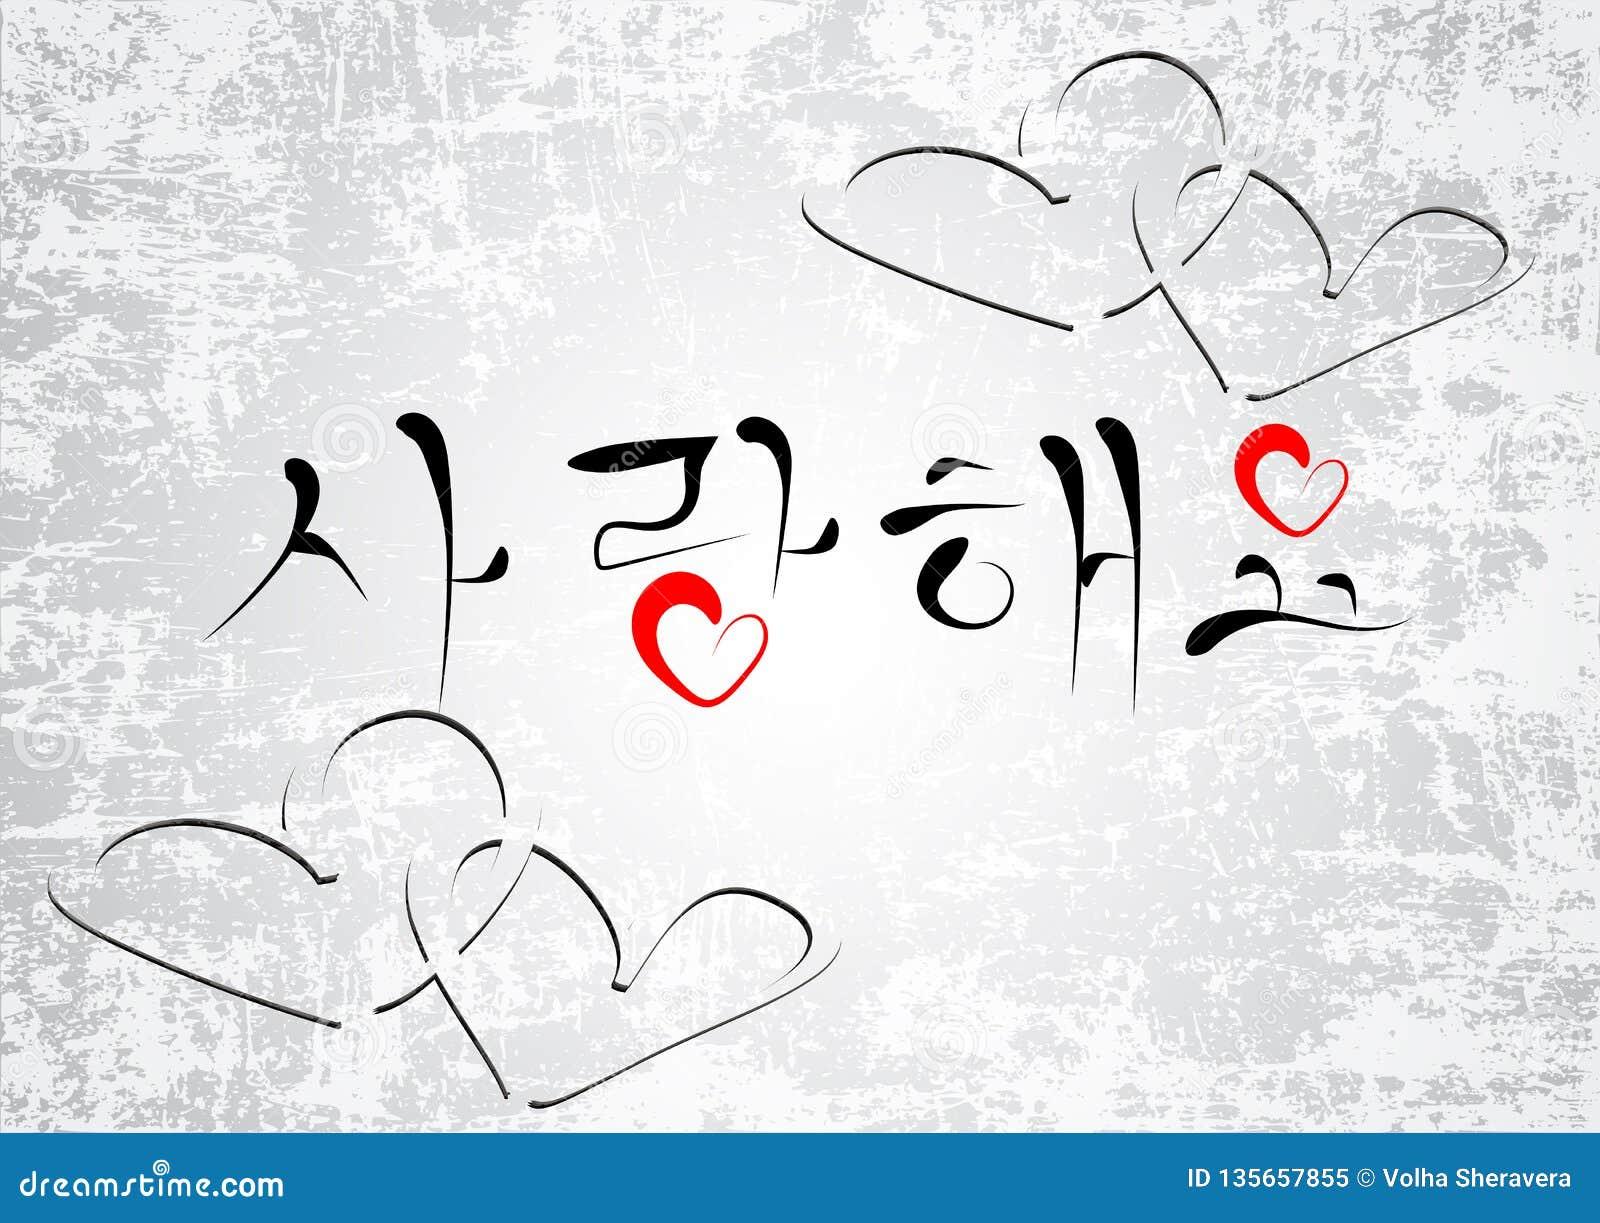 Ich liebe dich koreanische handgeschriebene Kalligraphie